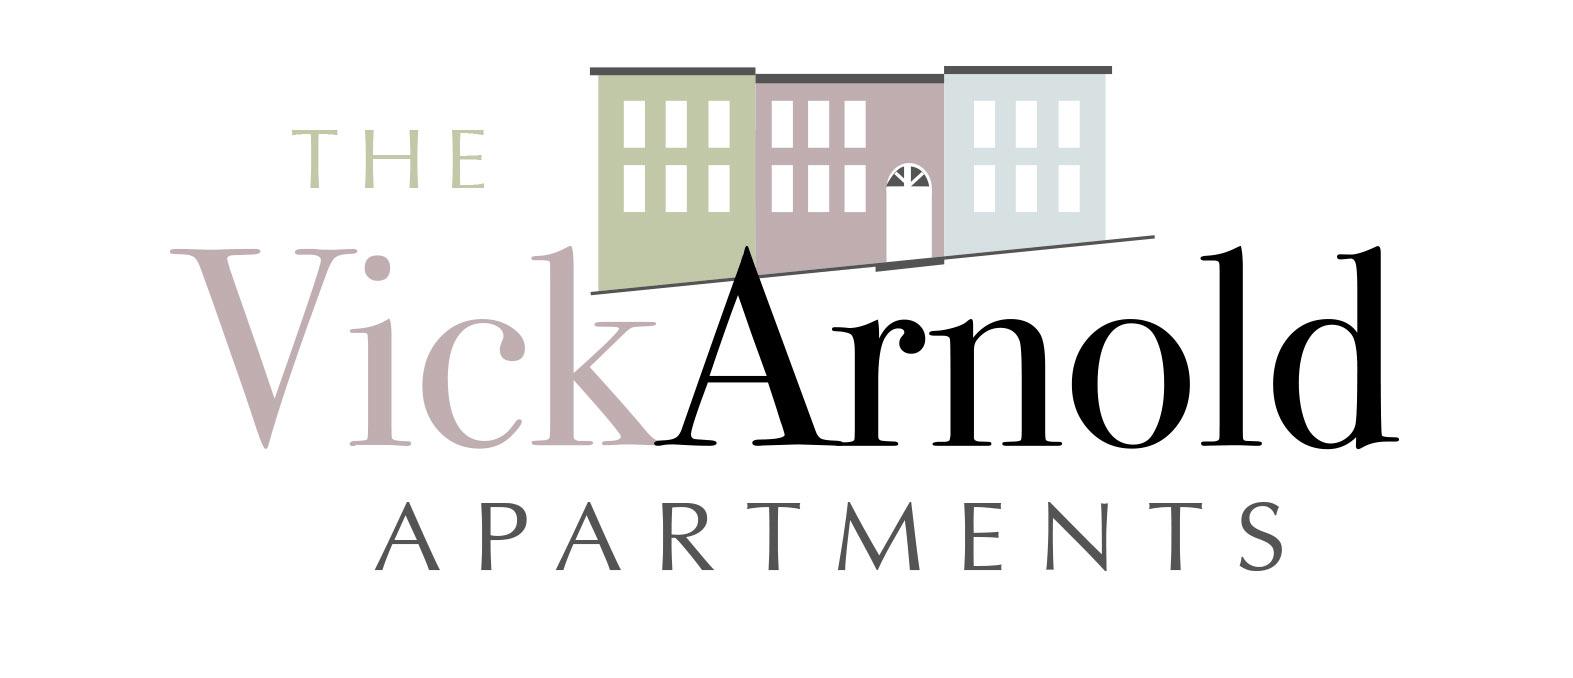 VickArnold logo.jpg